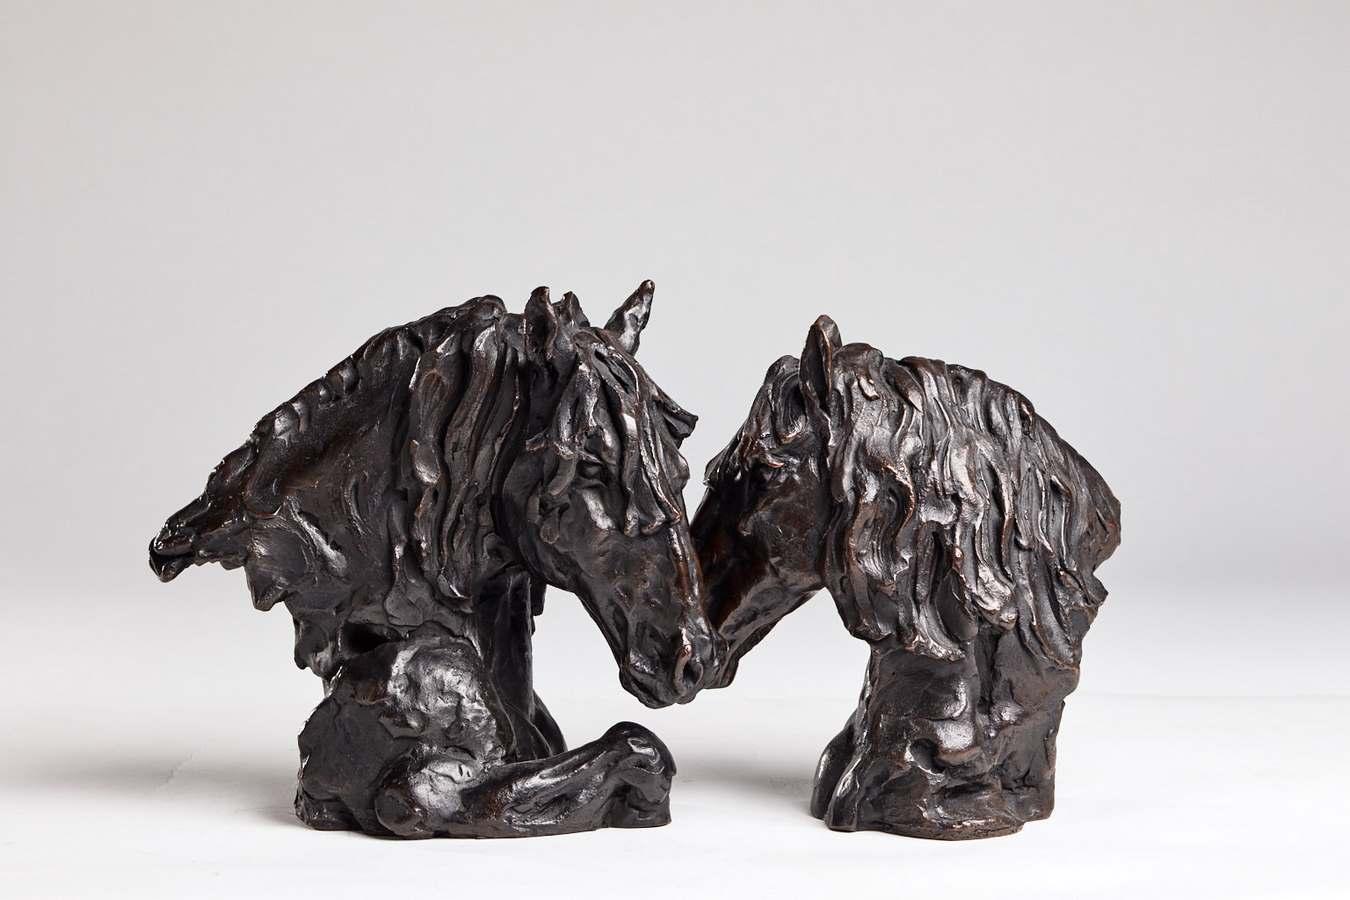 Kasper sculpteur _Dialogue_ bronze numéroté 1_8 (Copier)